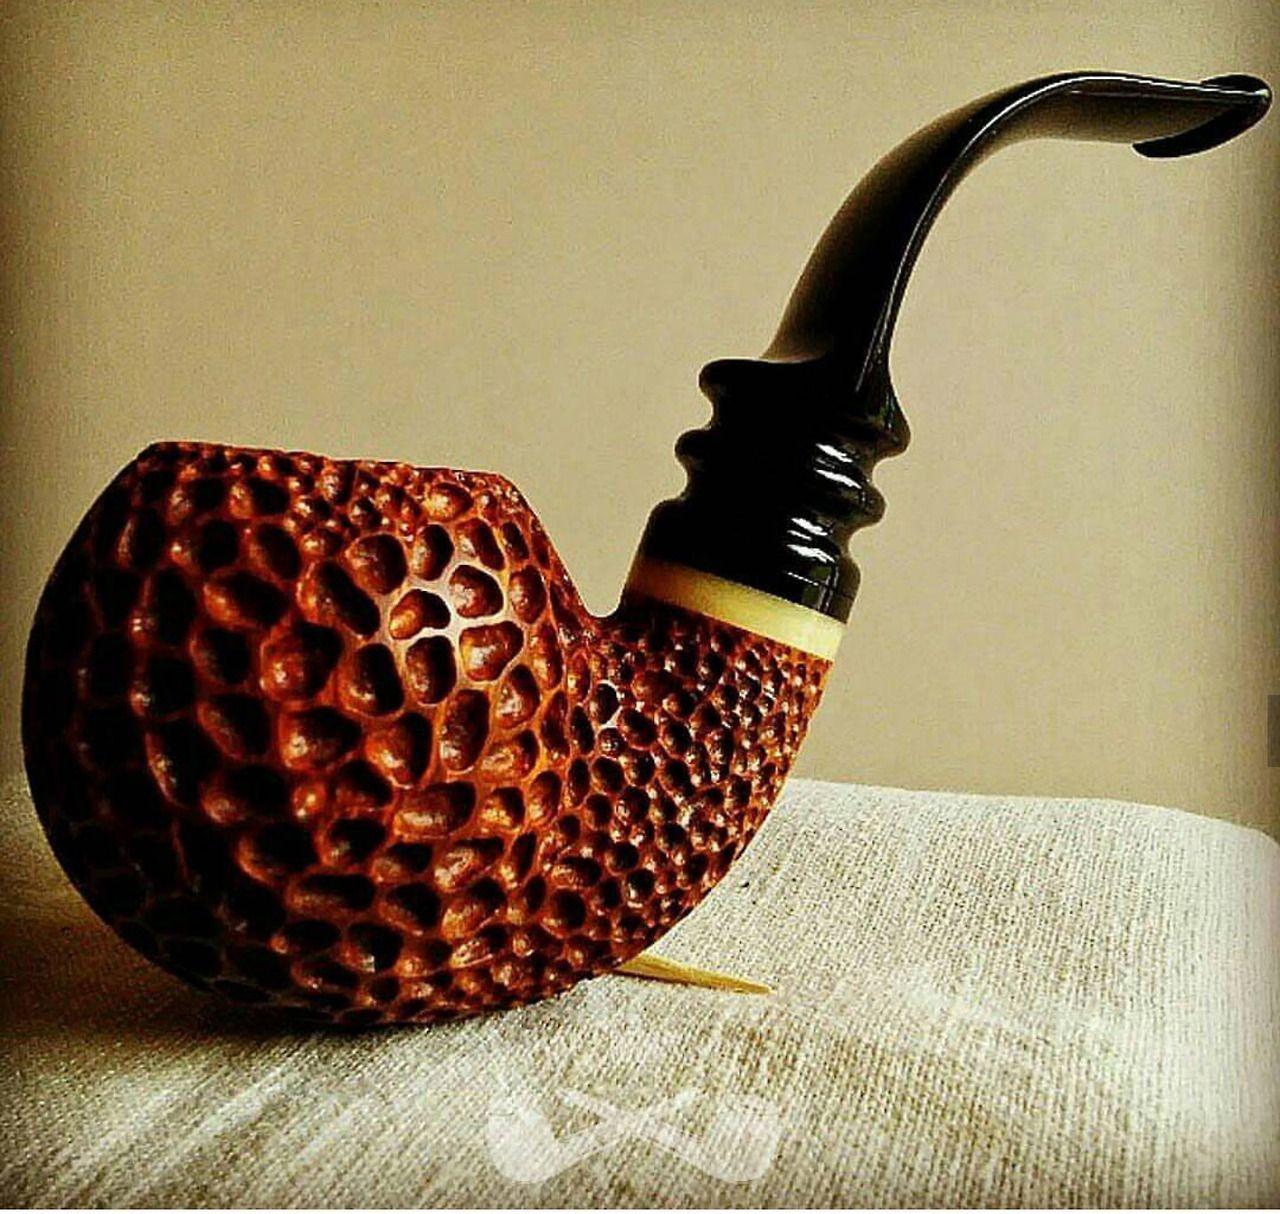 для телефона картинка с курительной трубкой ты, общительный зажатый